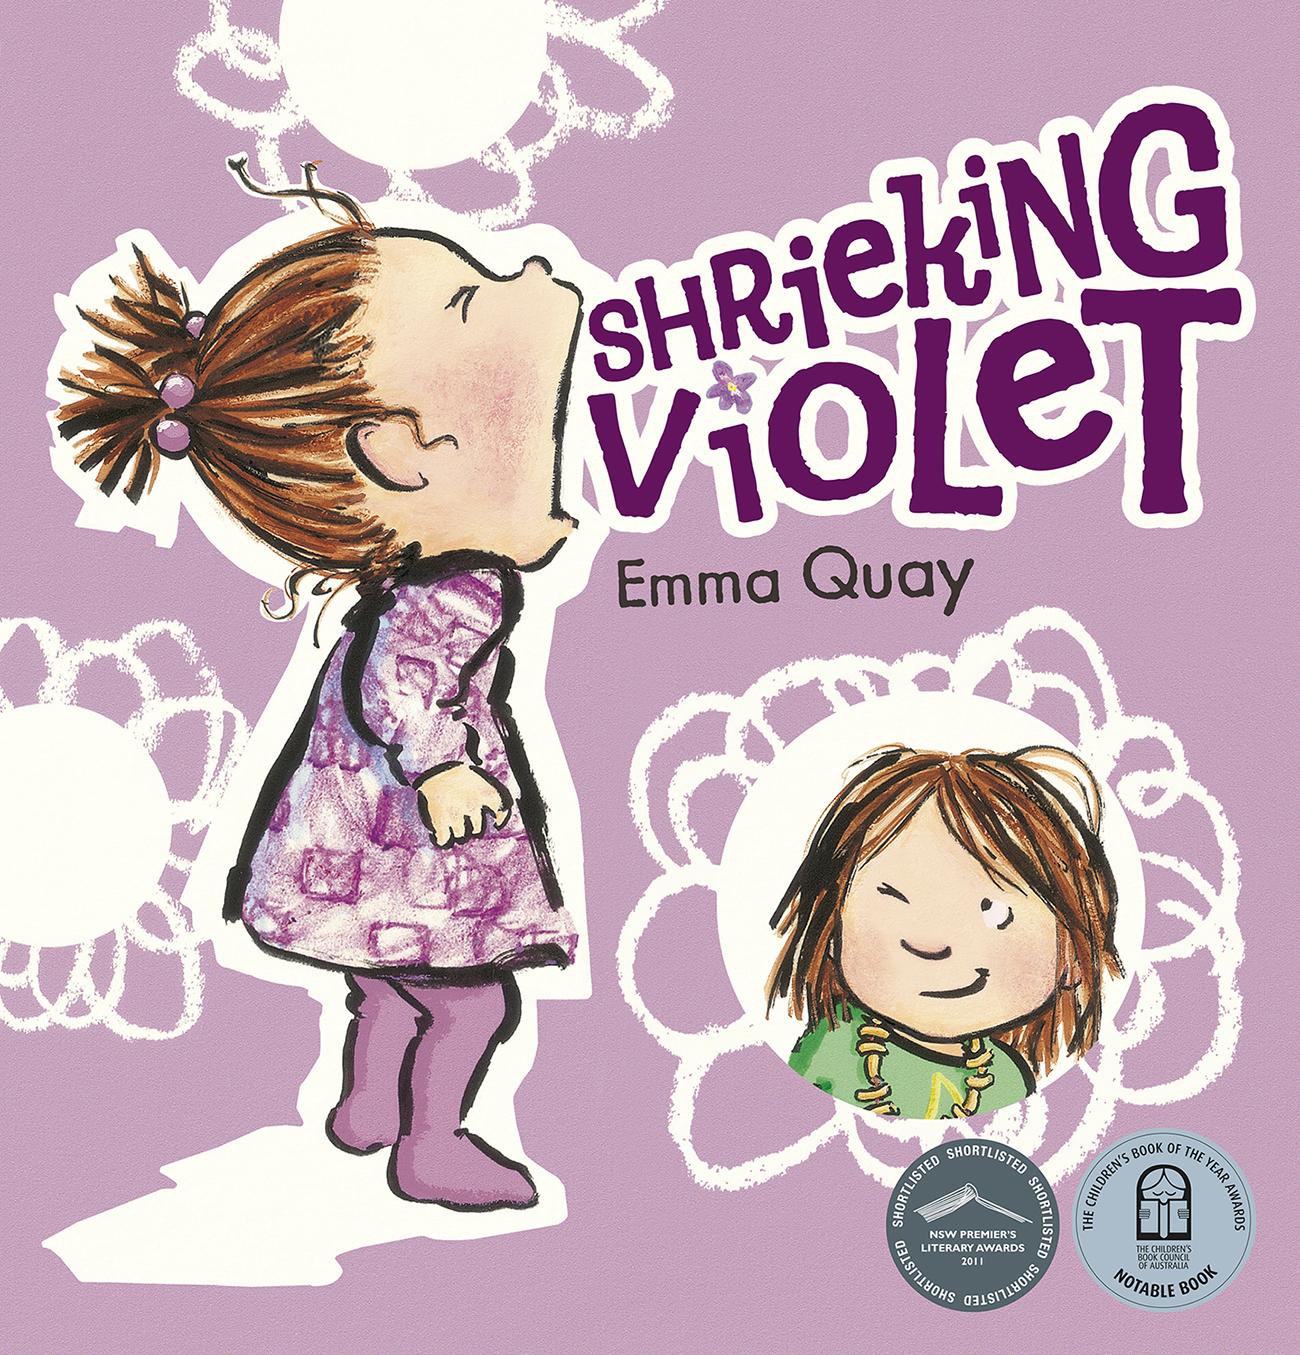 SHRIEKING VIOLET by Emma Quay (ABC Books) • http://www.emmaquay.com